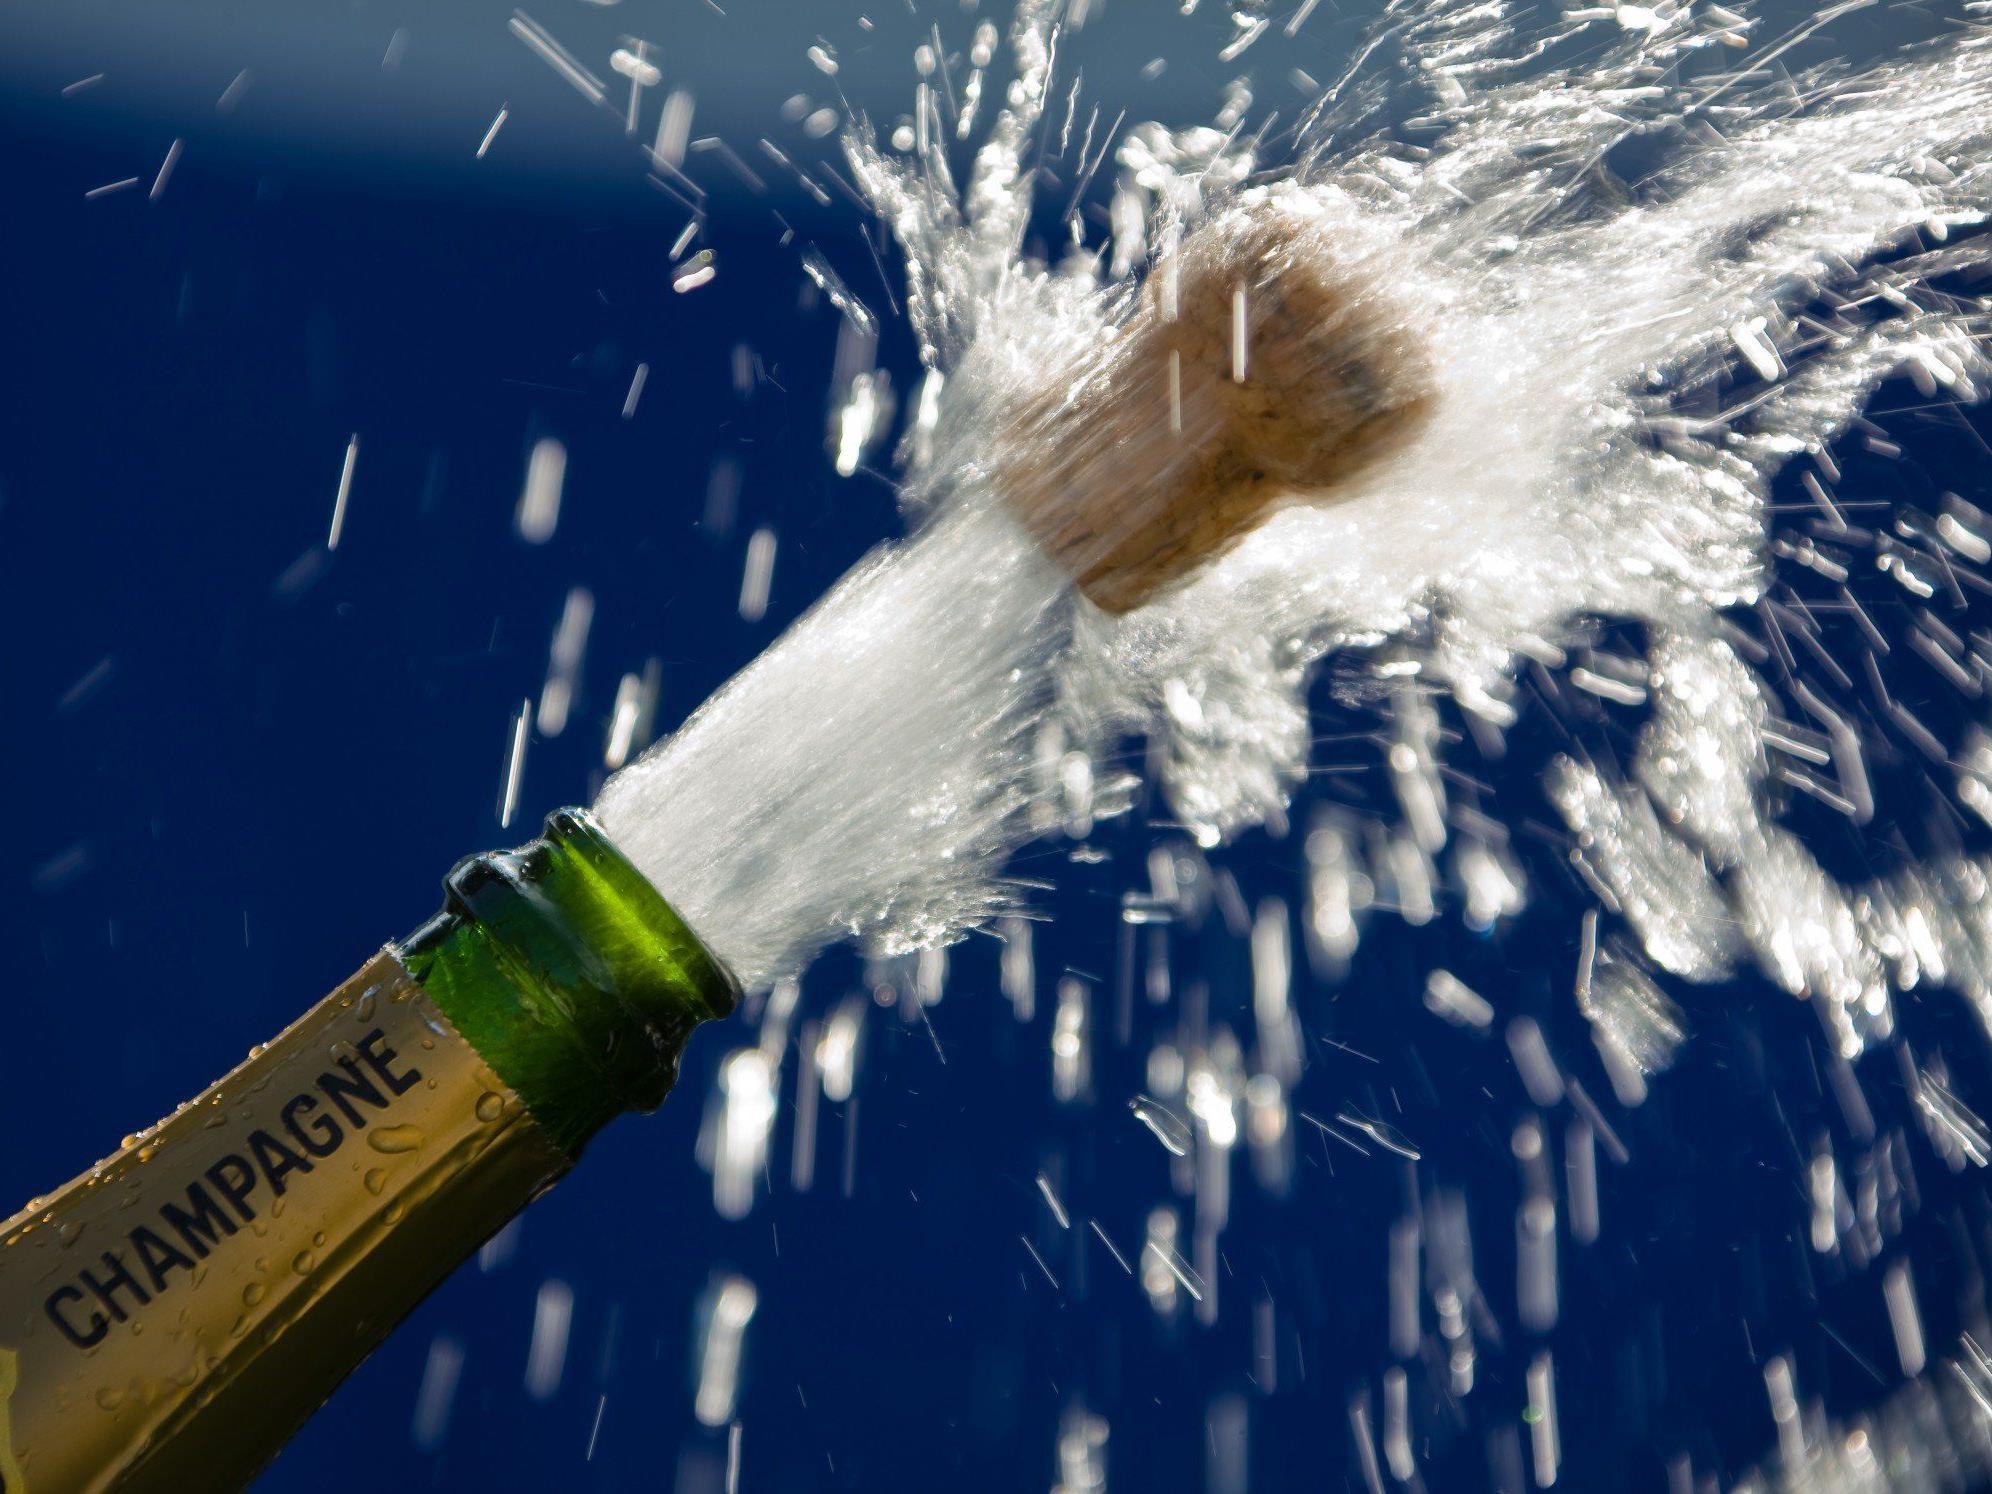 Statt dem ursprünglich geplanten Bier floss der Champagner.